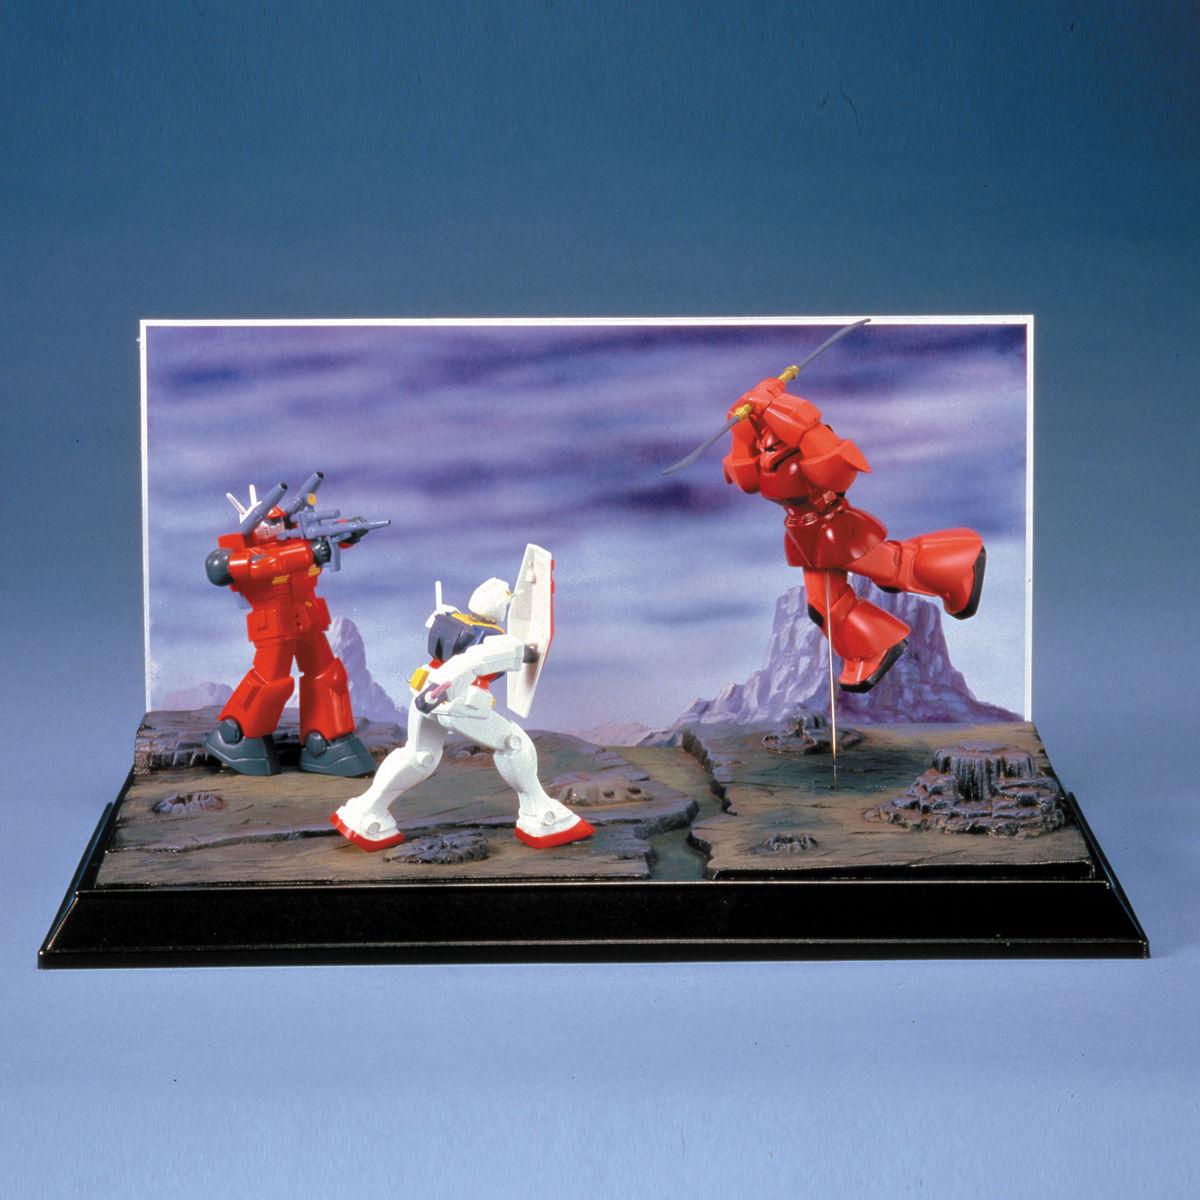 72099ガンダム情景模型 1/250 C テキサスの攻防 [Diorama sets The Duel in Texas]